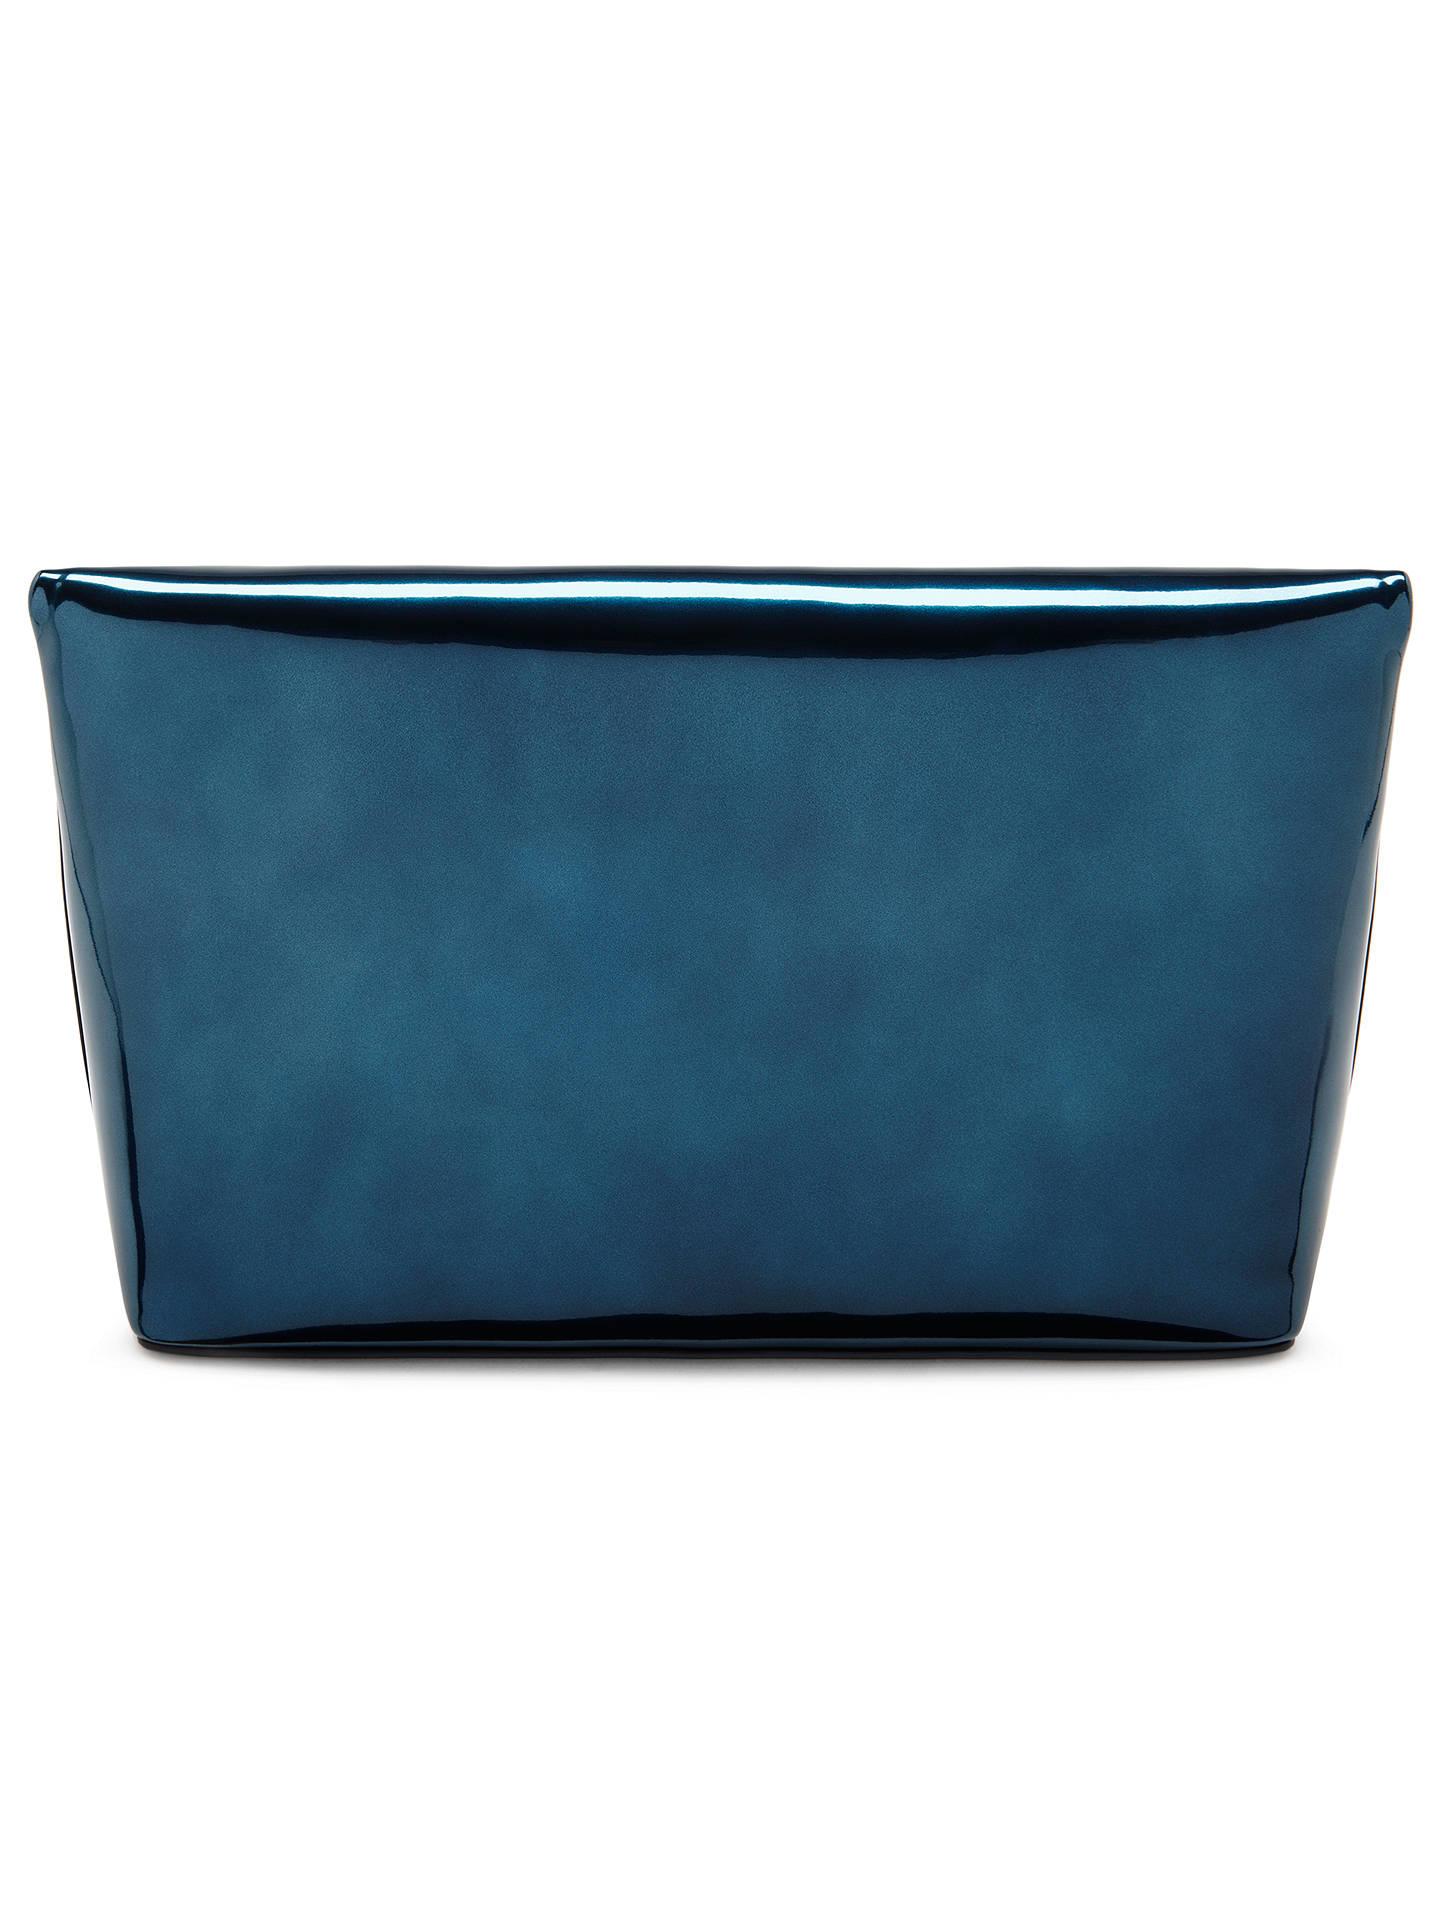 d6491c4da3 ... get buymulberry clemmie clutch bag mirror midnight blue online at  johnlewis 81402 84080